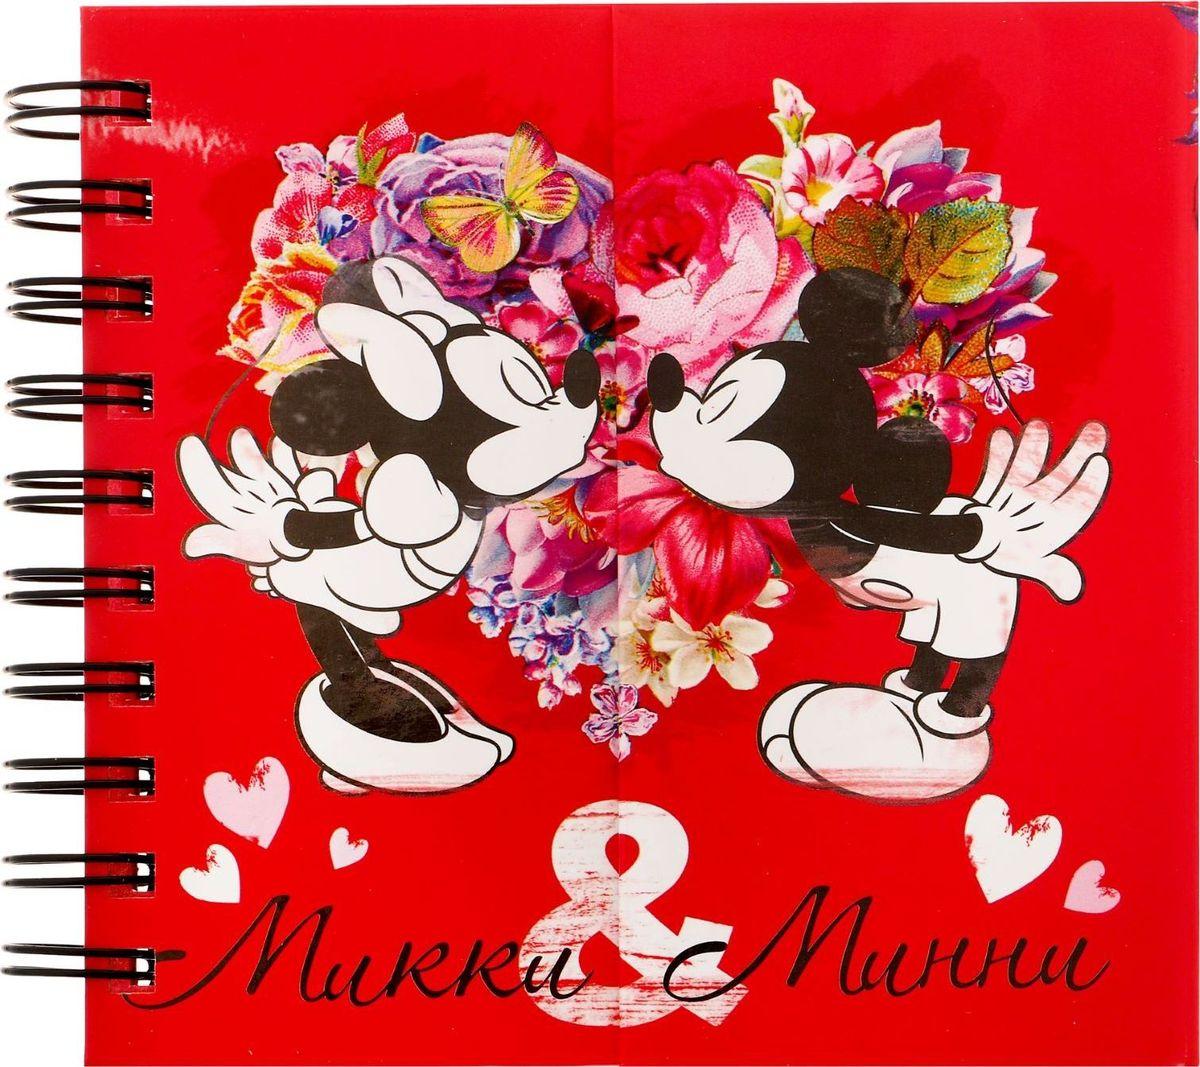 Disney Блокнот Микки и Минни 60 листов1224172Товары Disney для ярких идей! сохранит идеи и важнейшие заметки. Твердая обложка с красочными, оригинальными рисунками не даст разлинованным листочкам помяться или потеряться. Форзацы украшены стильными рисунками, которые день за днем будут поднимать настроение юному владельцу. Оригинальный блокнотик закрывается на магнит, который не дает изделию открыться в сумке или рюкзаке. Делайте заметки, составляйте списки дел или покупок, рисуйте или записывайте важную информацию, с героями Disney все веселей!